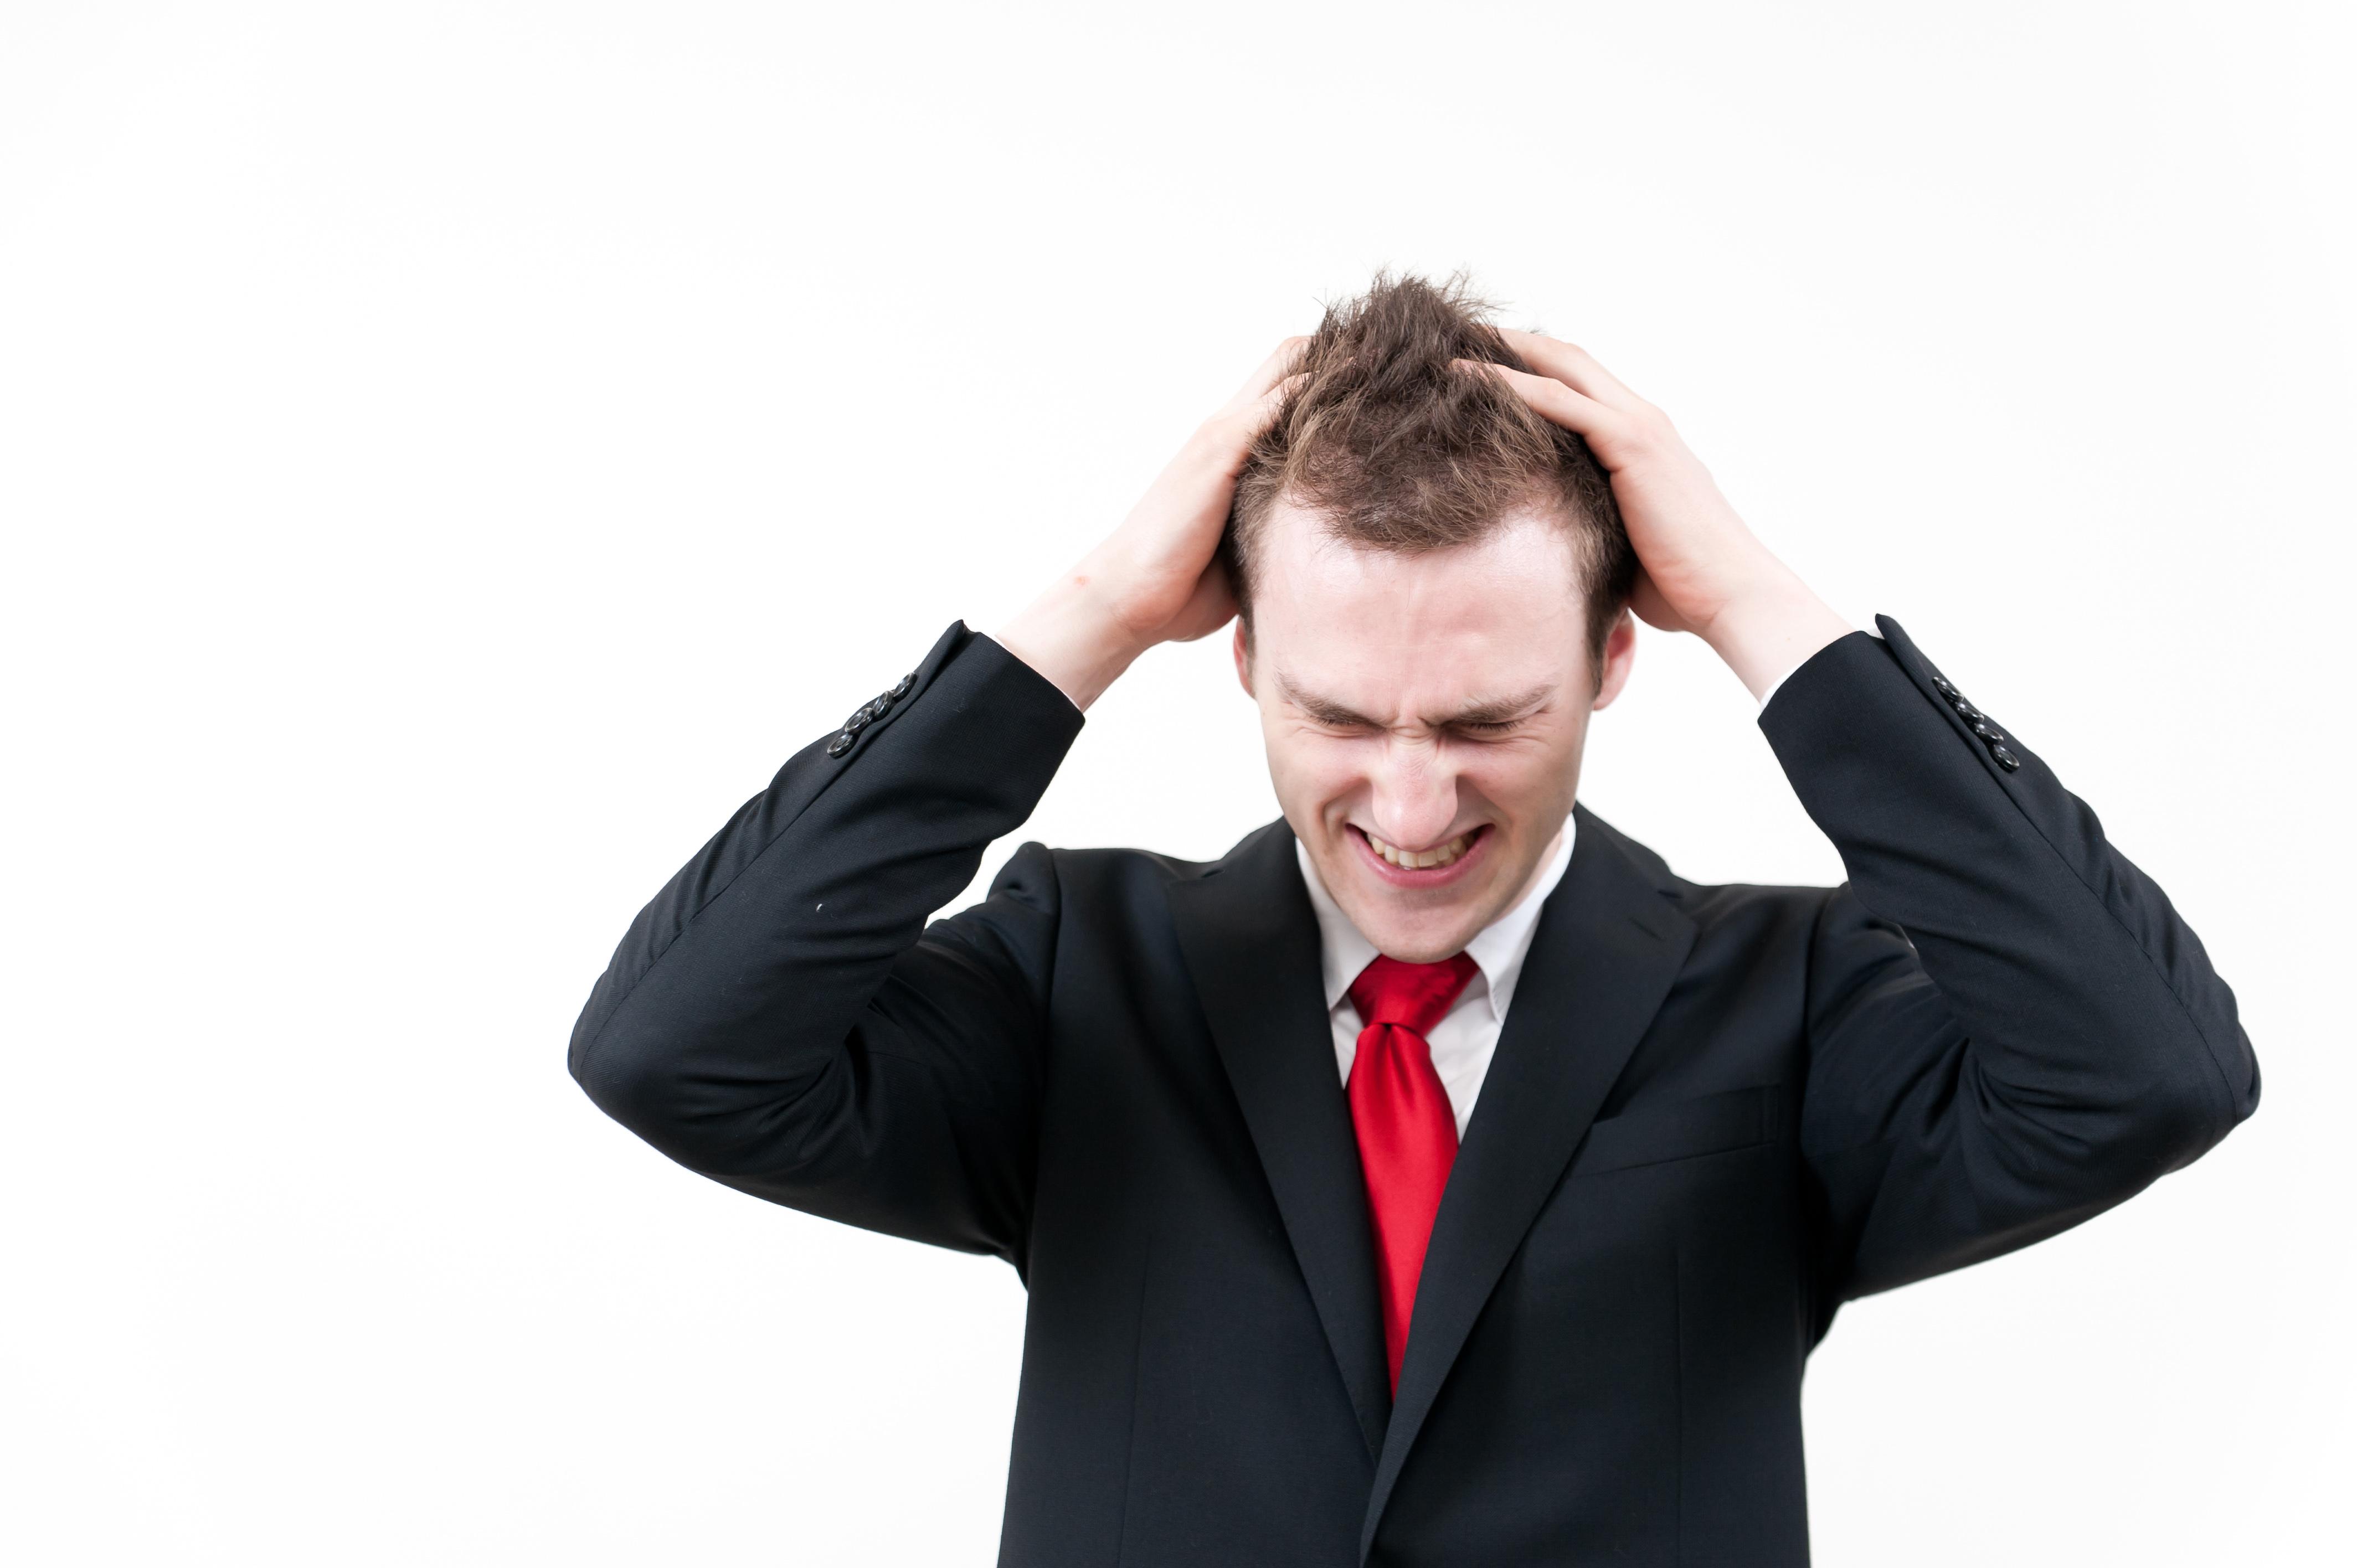 【採用コンサル失敗事例を公開】失敗から学ぶ、絶対やってはいけない採用とは